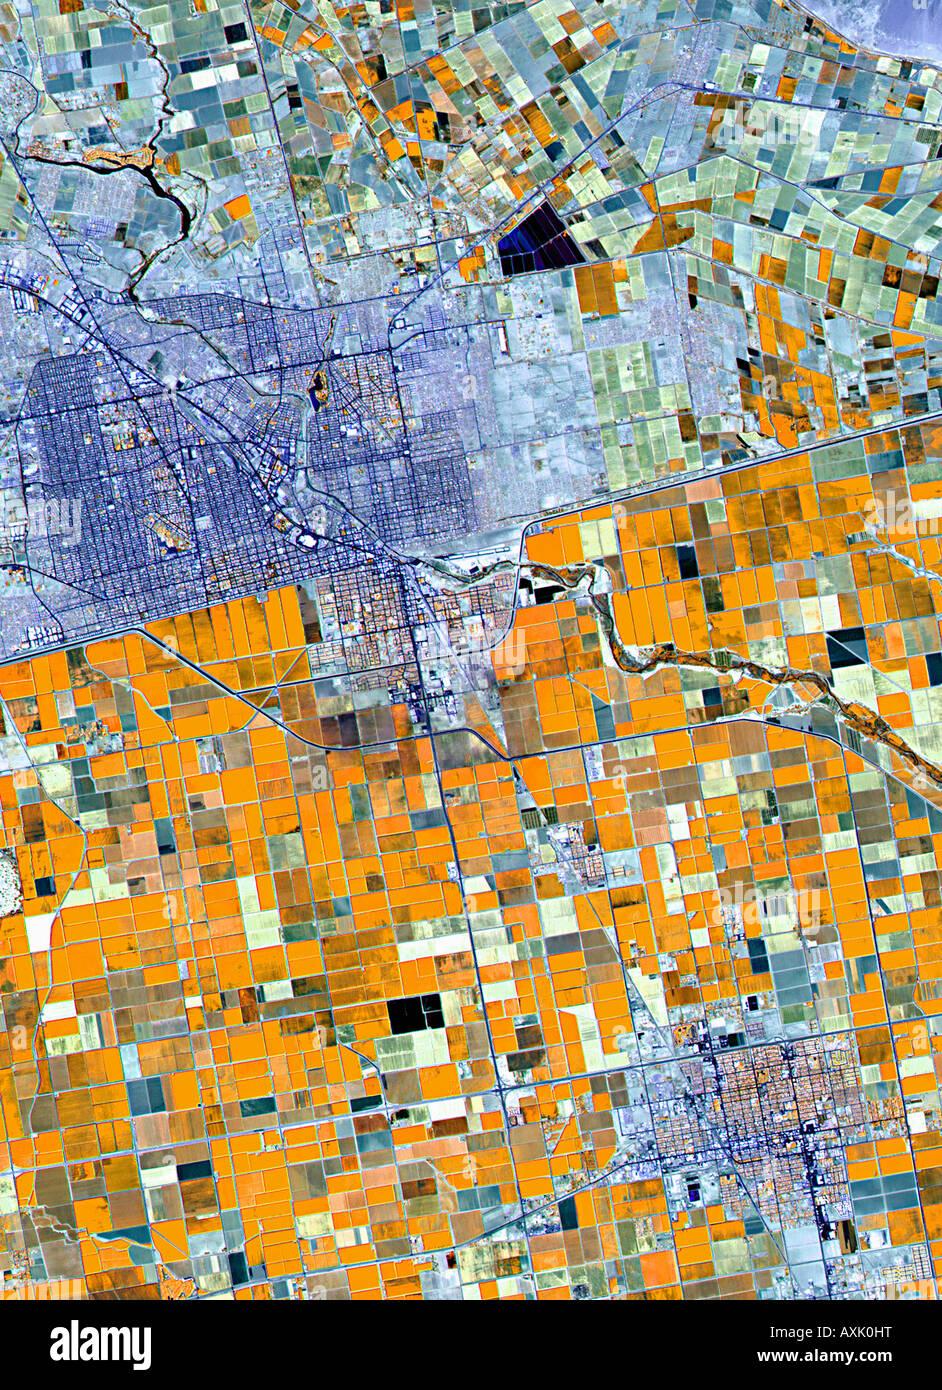 Image satellite de l'Allemagne des terres agricoles Banque D'Images